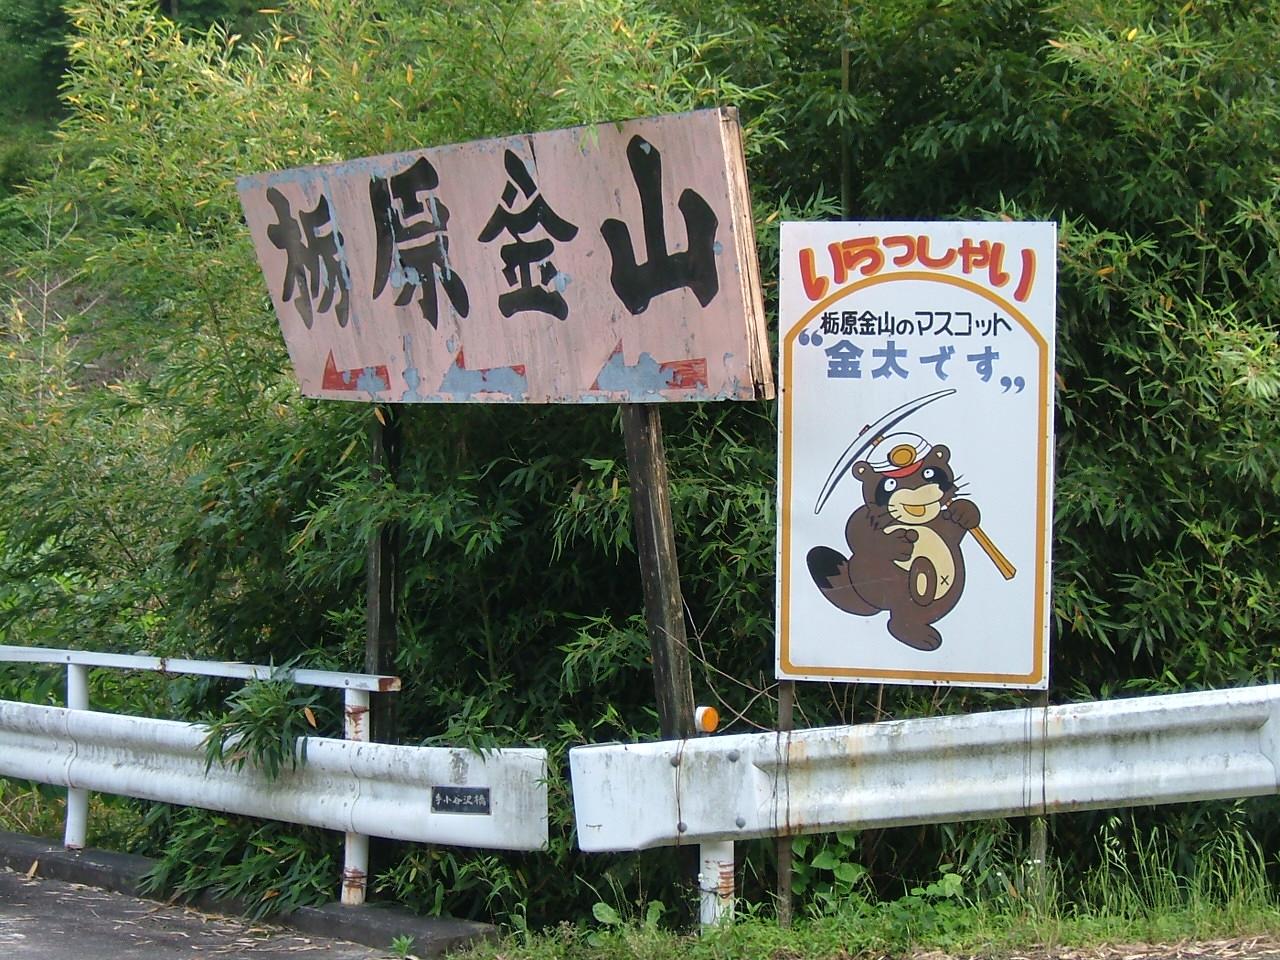 060614栃原金山視察 035.jpg